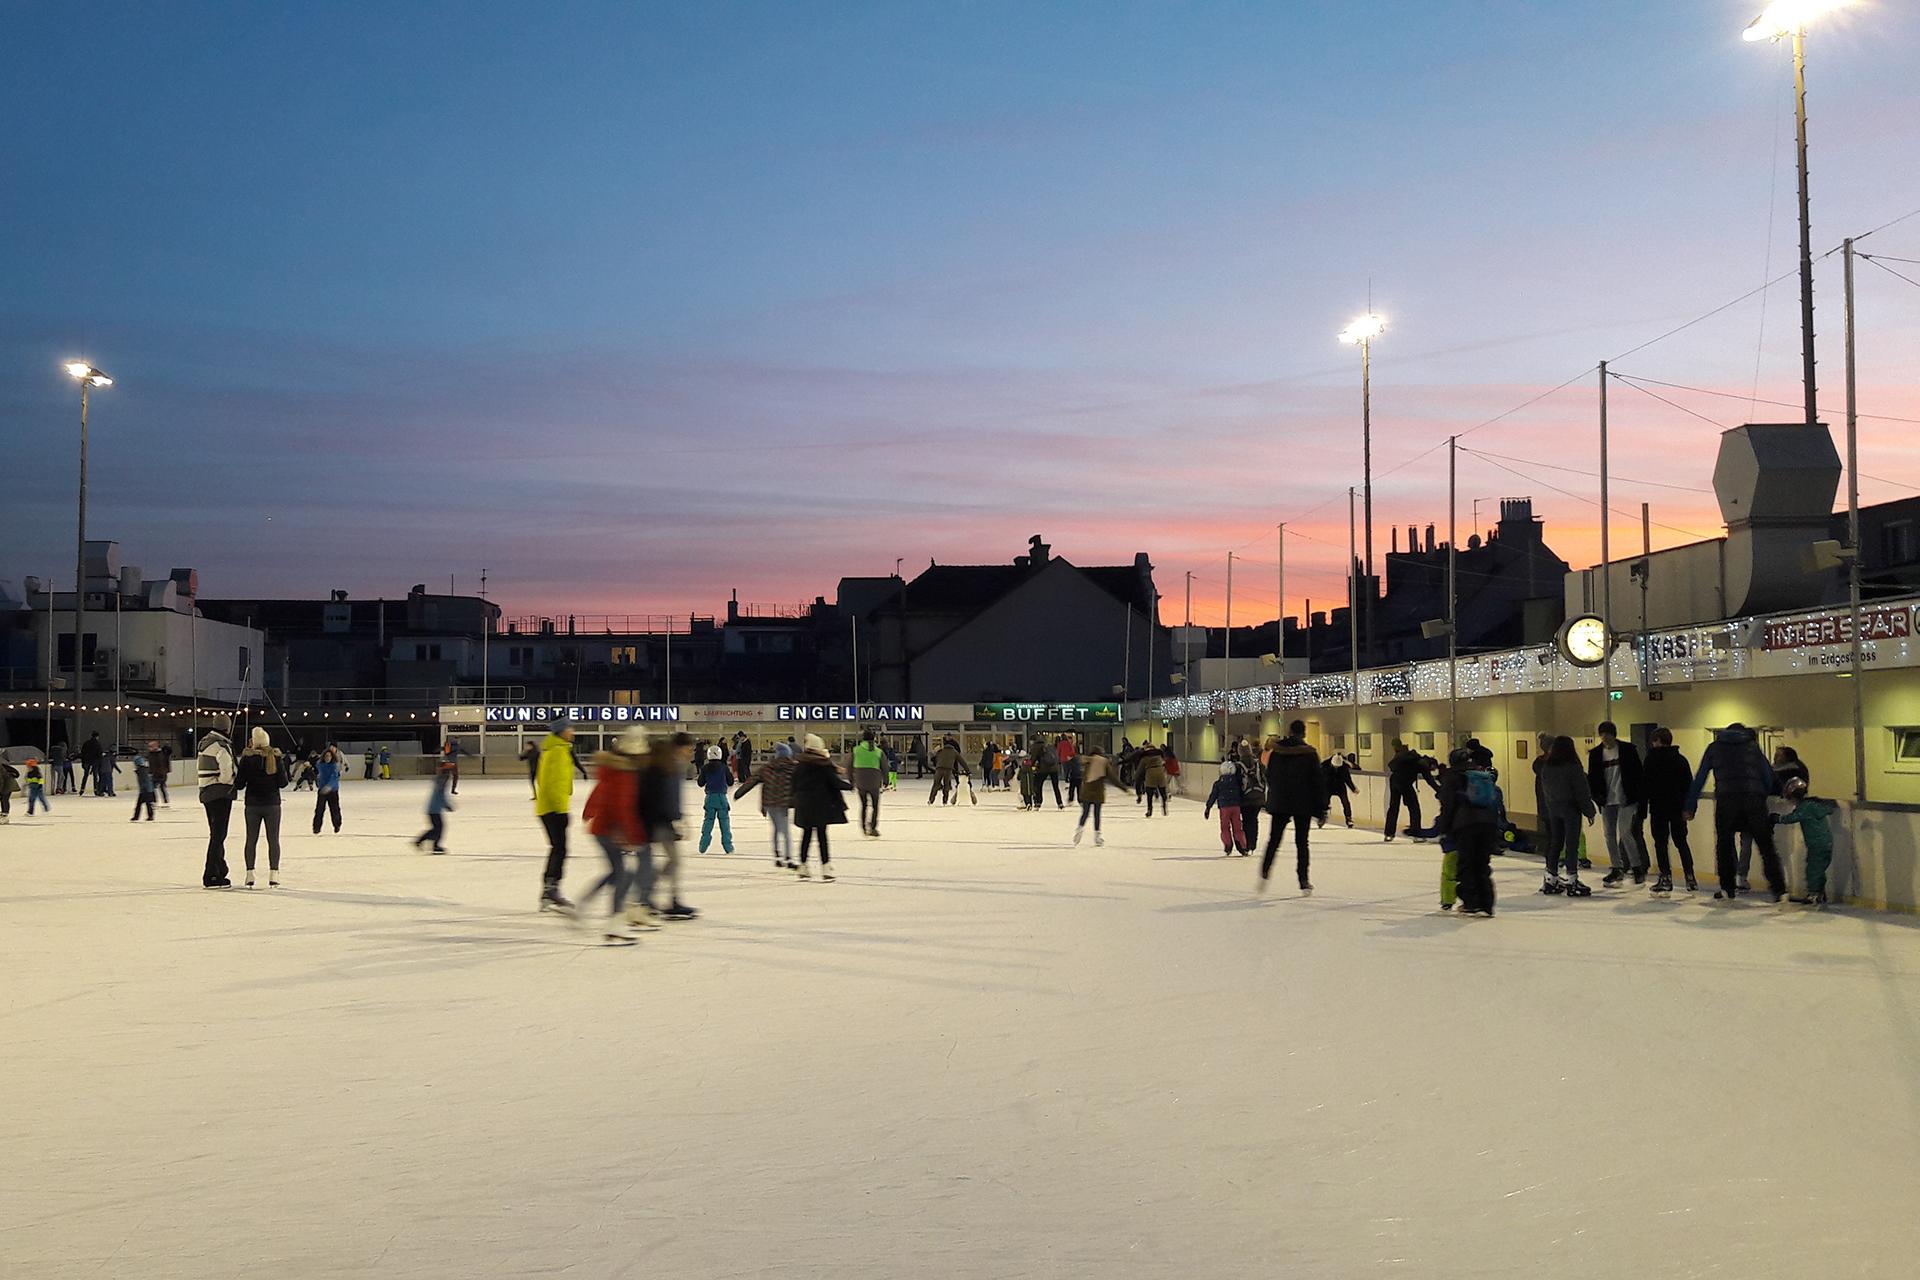 Eine große Eisfläche am Abend